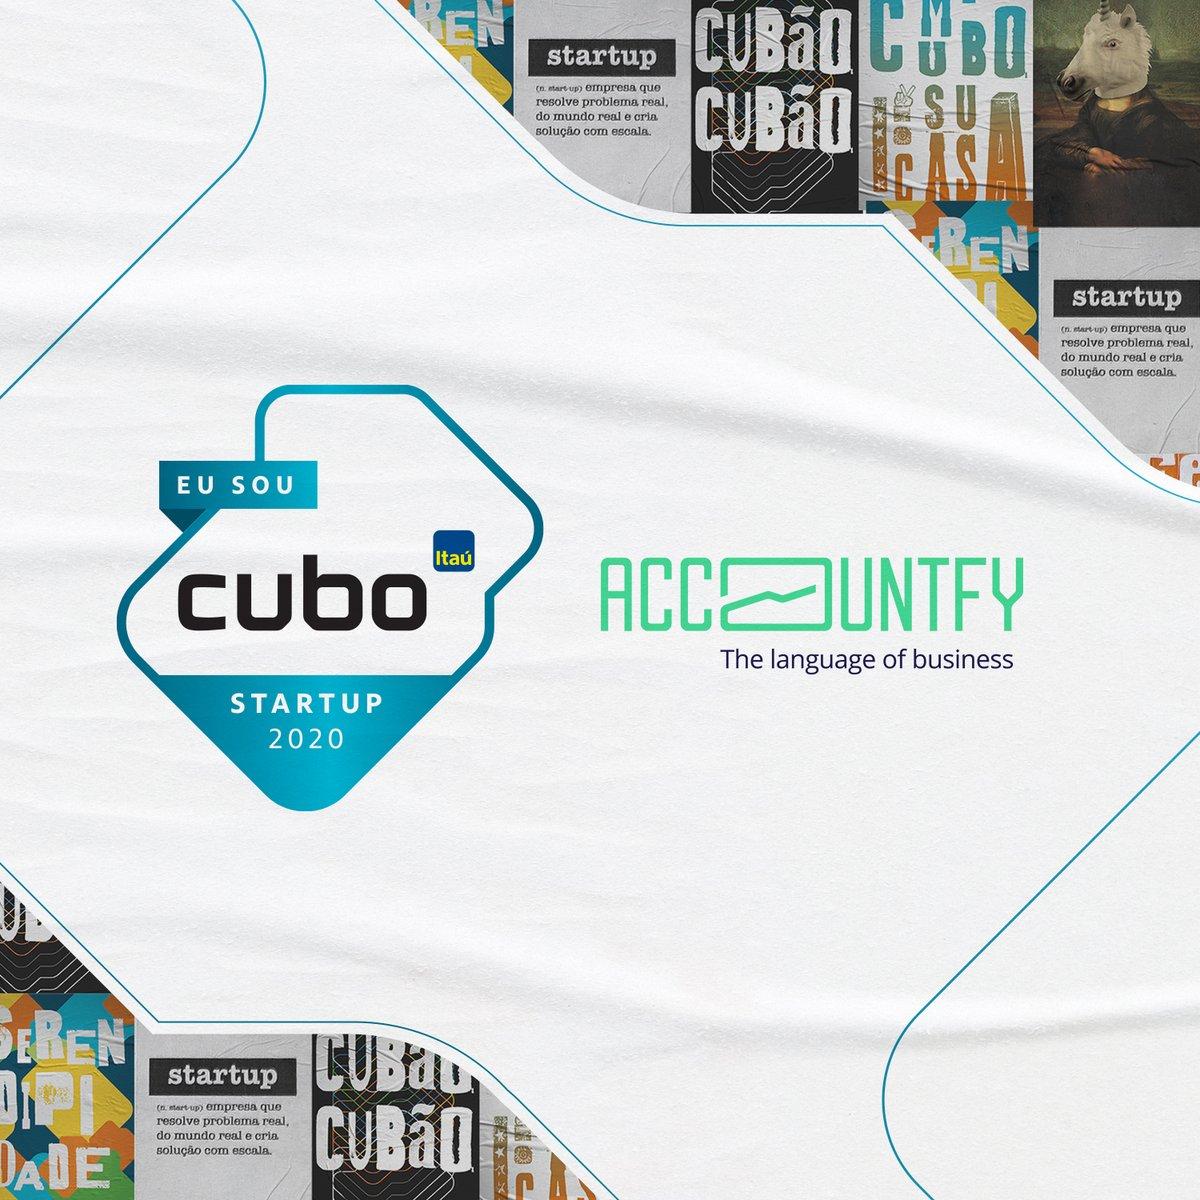 #VocêSabia que o @accountfy  faz parte do @cubo_network, maior centro de empreendedorismo tecnológico da América Latina?!  O Cubo Itaú é a casa de algumas das mais relevantes startups brasileiras! É uma honra compor esse ecossistema! #fintech #startuppic.twitter.com/LXv5pPet3n